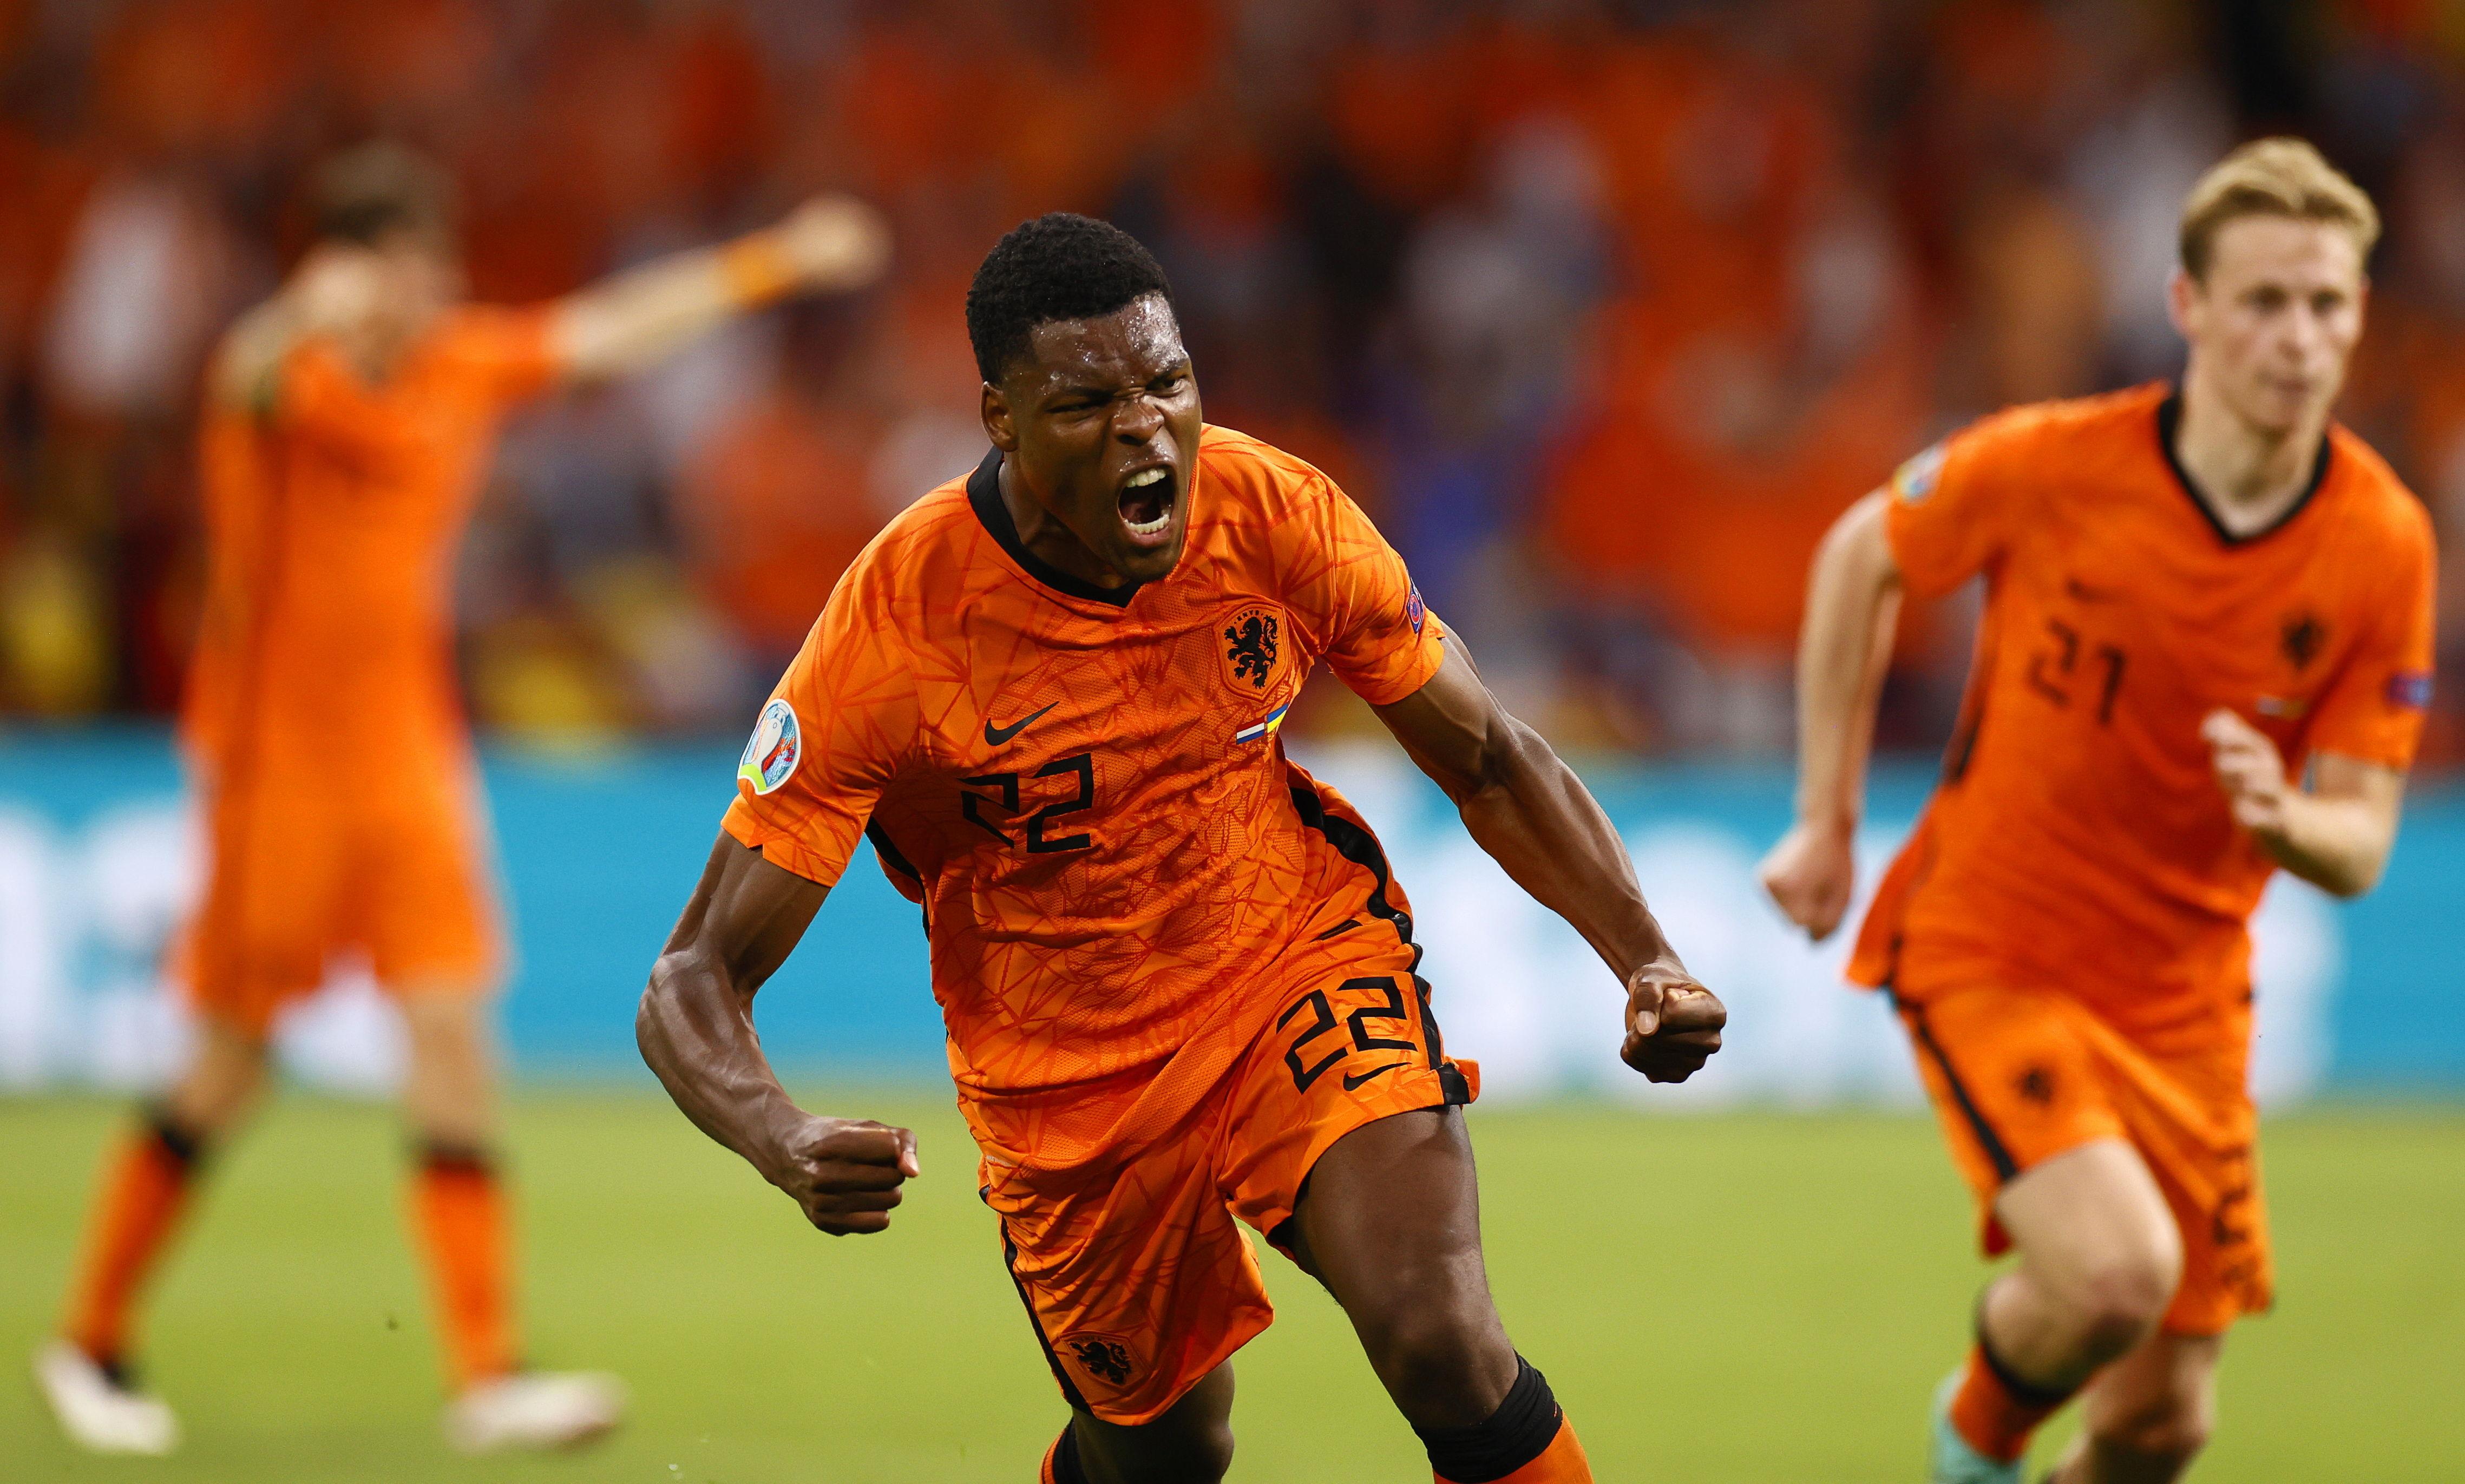 Holanda vence 3-2 a Ucrania en su debut en la Eurocopa – Prensa Libre